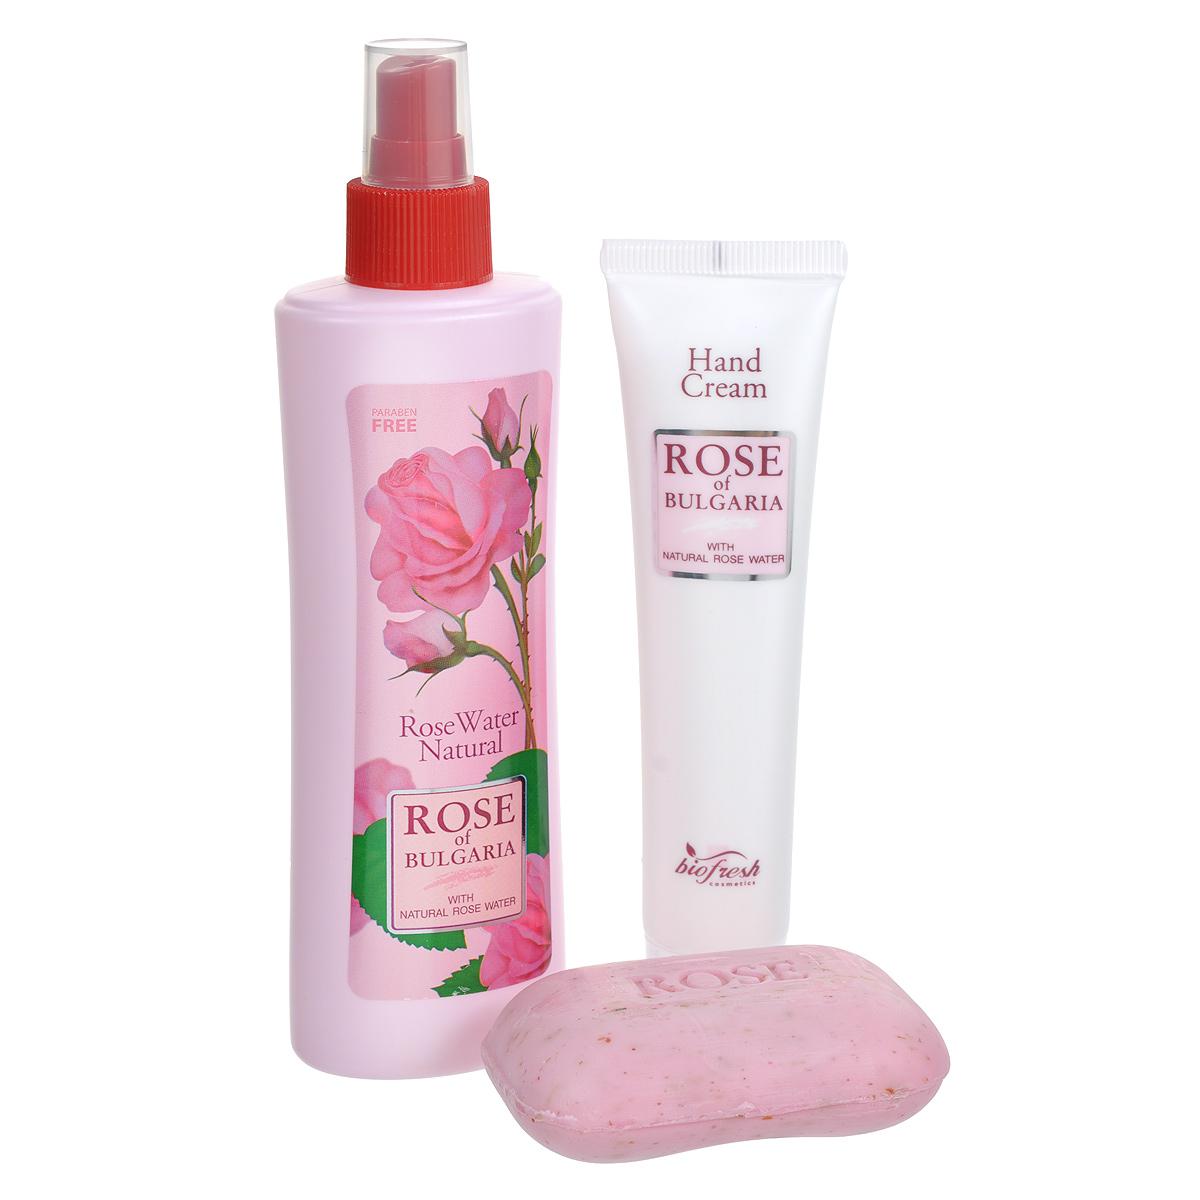 Rose of Bulgaria Подарочный набор №2: натуральная розовая вода, мыло с частицами лепестков роз, крем для рук